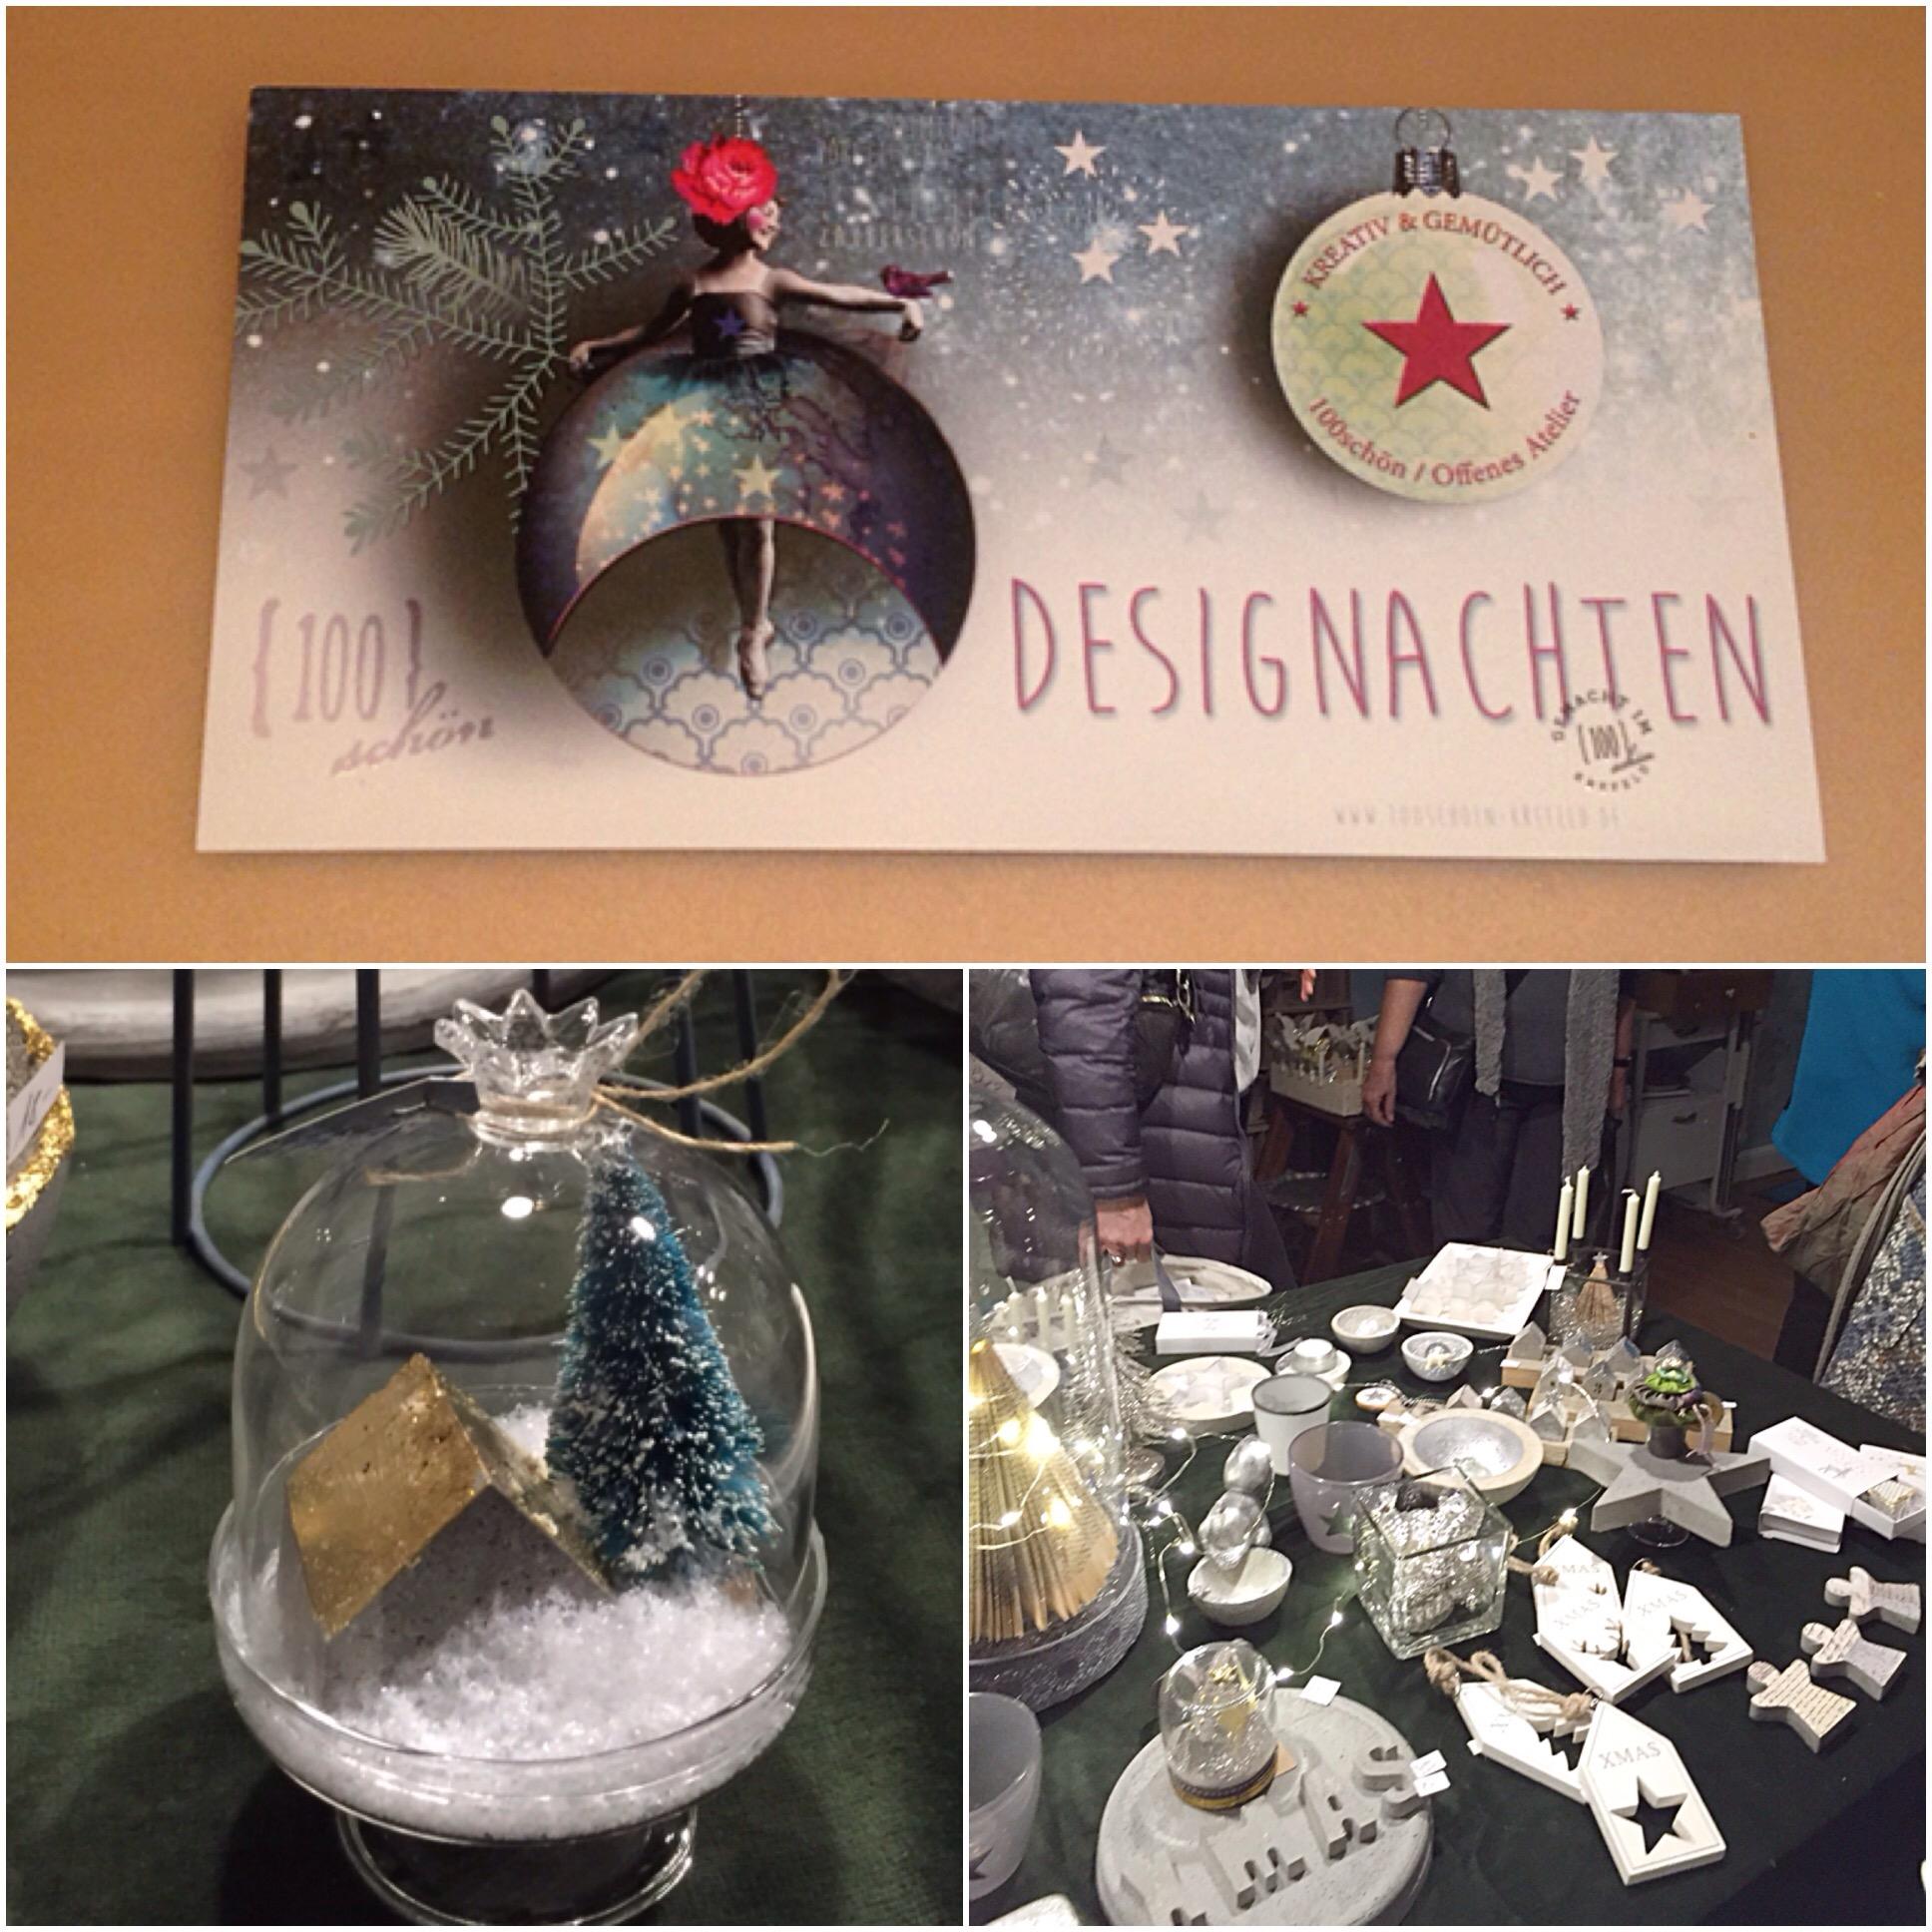 Ein Abend Weihnachten – oder – Designachten im {100}schön